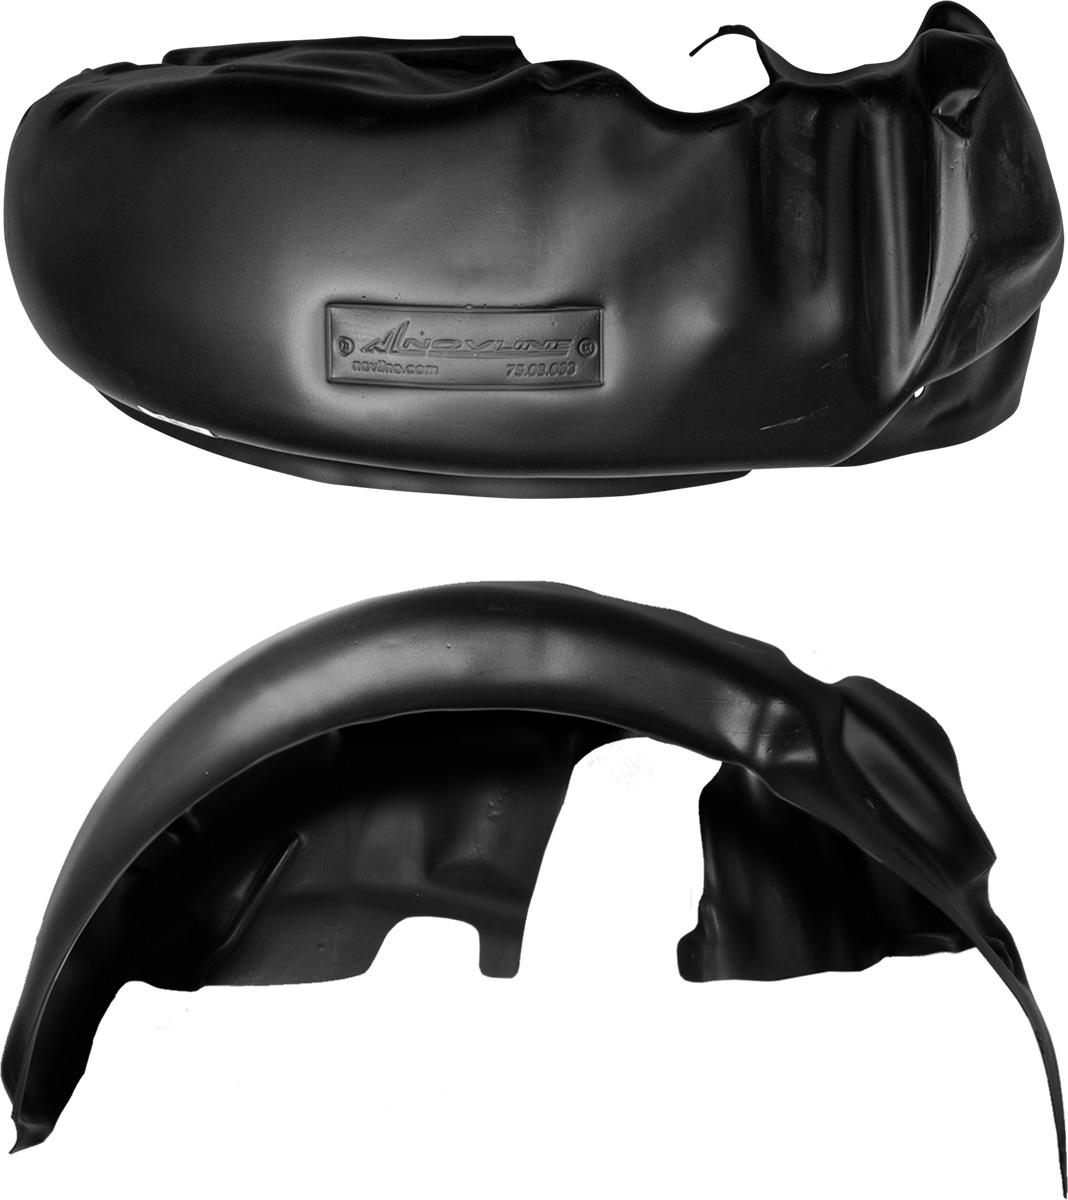 Подкрылок OPEL Astra H, 5D 2007->, хэтчбек, задний левыйSVC-300Колесные ниши – одни из самых уязвимых зон днища вашего автомобиля. Они постоянно подвергаются воздействию со стороны дороги. Лучшая, почти абсолютная защита для них - специально отформованные пластиковые кожухи, которые называются подкрылками, или локерами. Производятся они как для отечественных моделей автомобилей, так и для иномарок. Подкрылки выполнены из высококачественного, экологически чистого пластика. Обеспечивают надежную защиту кузова автомобиля от пескоструйного эффекта и негативного влияния, агрессивных антигололедных реагентов. Пластик обладает более низкой теплопроводностью, чем металл, поэтому в зимний период эксплуатации использование пластиковых подкрылков позволяет лучше защитить колесные ниши от налипания снега и образования наледи. Оригинальность конструкции подчеркивает элегантность автомобиля, бережно защищает нанесенное на днище кузова антикоррозийное покрытие и позволяет осуществить крепление подкрылков внутри колесной арки практически без дополнительного крепежа и сверления, не нарушая при этом лакокрасочного покрытия, что предотвращает возникновение новых очагов коррозии. Технология крепления подкрылков на иномарки принципиально отличается от крепления на российские автомобили и разрабатывается индивидуально для каждой модели автомобиля. Подкрылки долговечны, обладают высокой прочностью и сохраняют заданную форму, а также все свои физико-механические характеристики в самых тяжелых климатических условиях ( от -50° С до + 50° С).